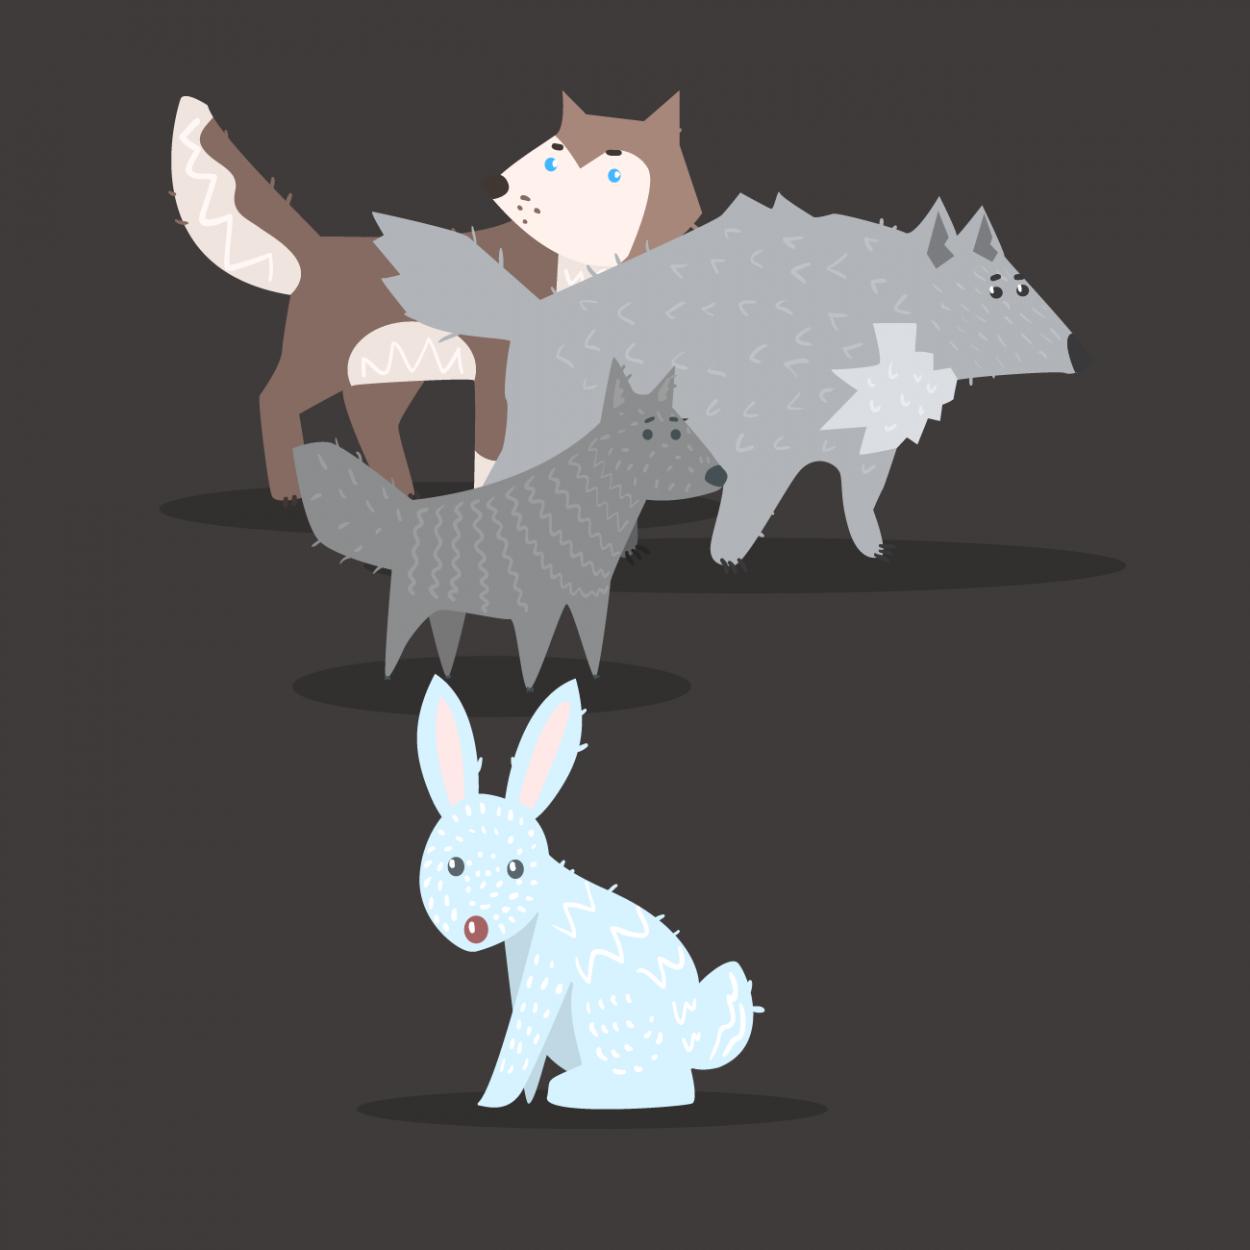 Иллюстрация к анекдоту про зайца и стаю голодных волков